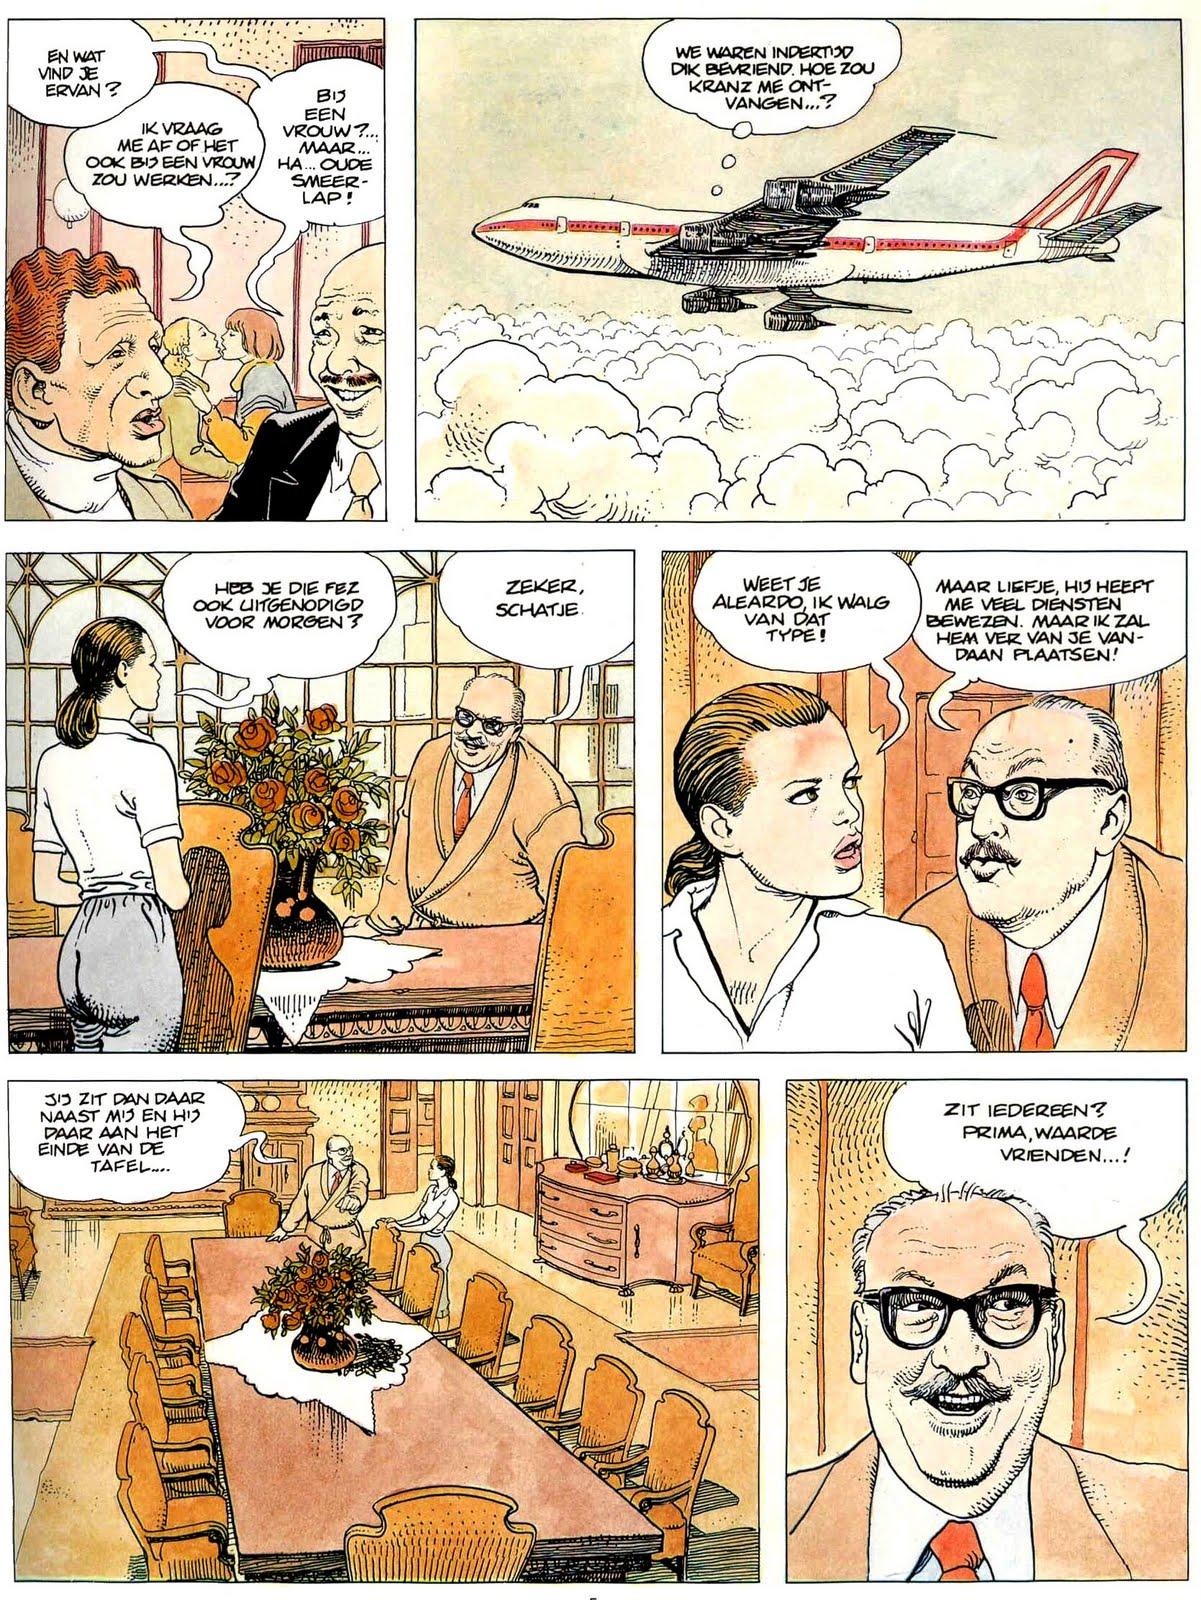 Erotisch stripverhaal van hedendaagse kunstenaar Milo Manara